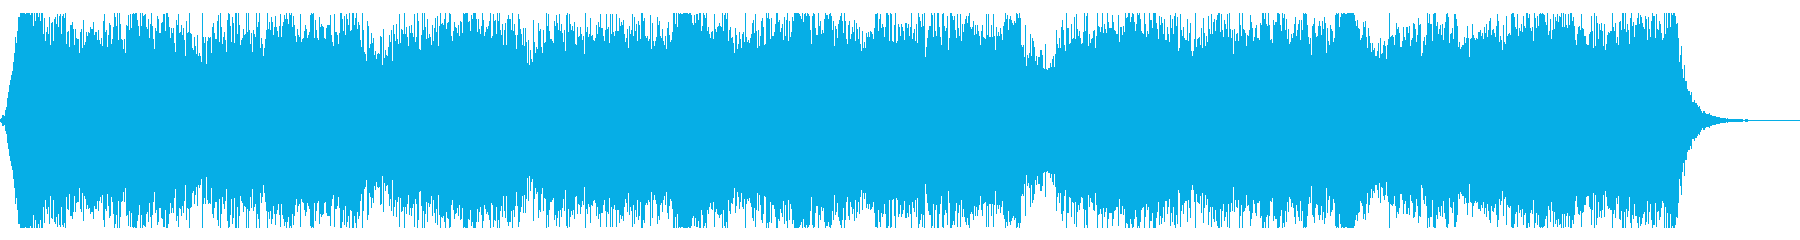 ニュース番組のヘッドラインの再生済みの波形